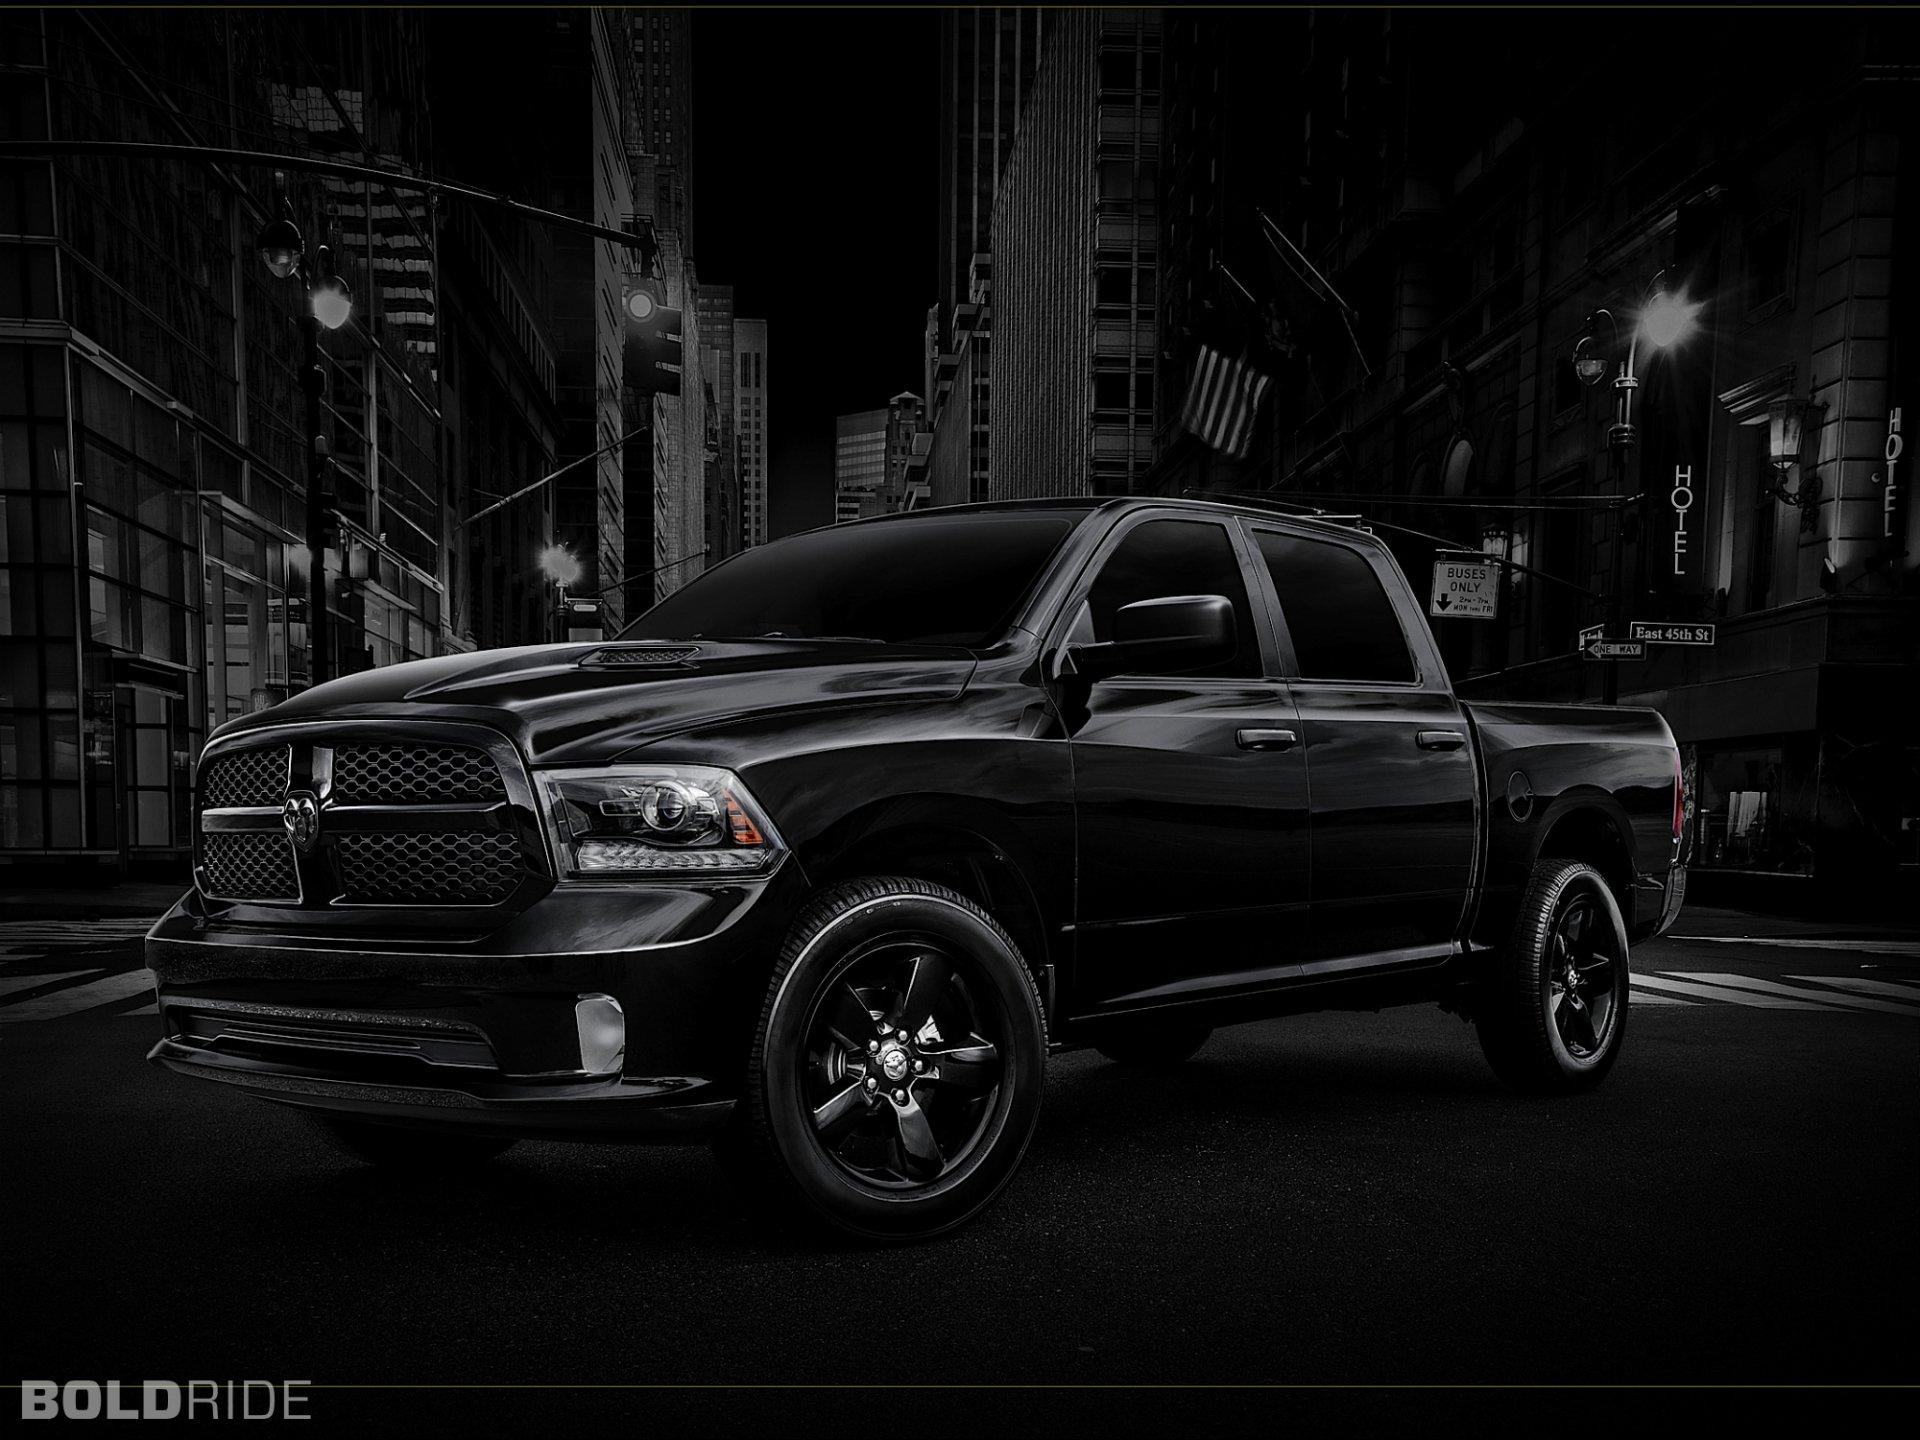 Pojazdy - Ciężarowe  Dodge Mopar Dodge Ram 1500 Czarny Miasto Tapeta